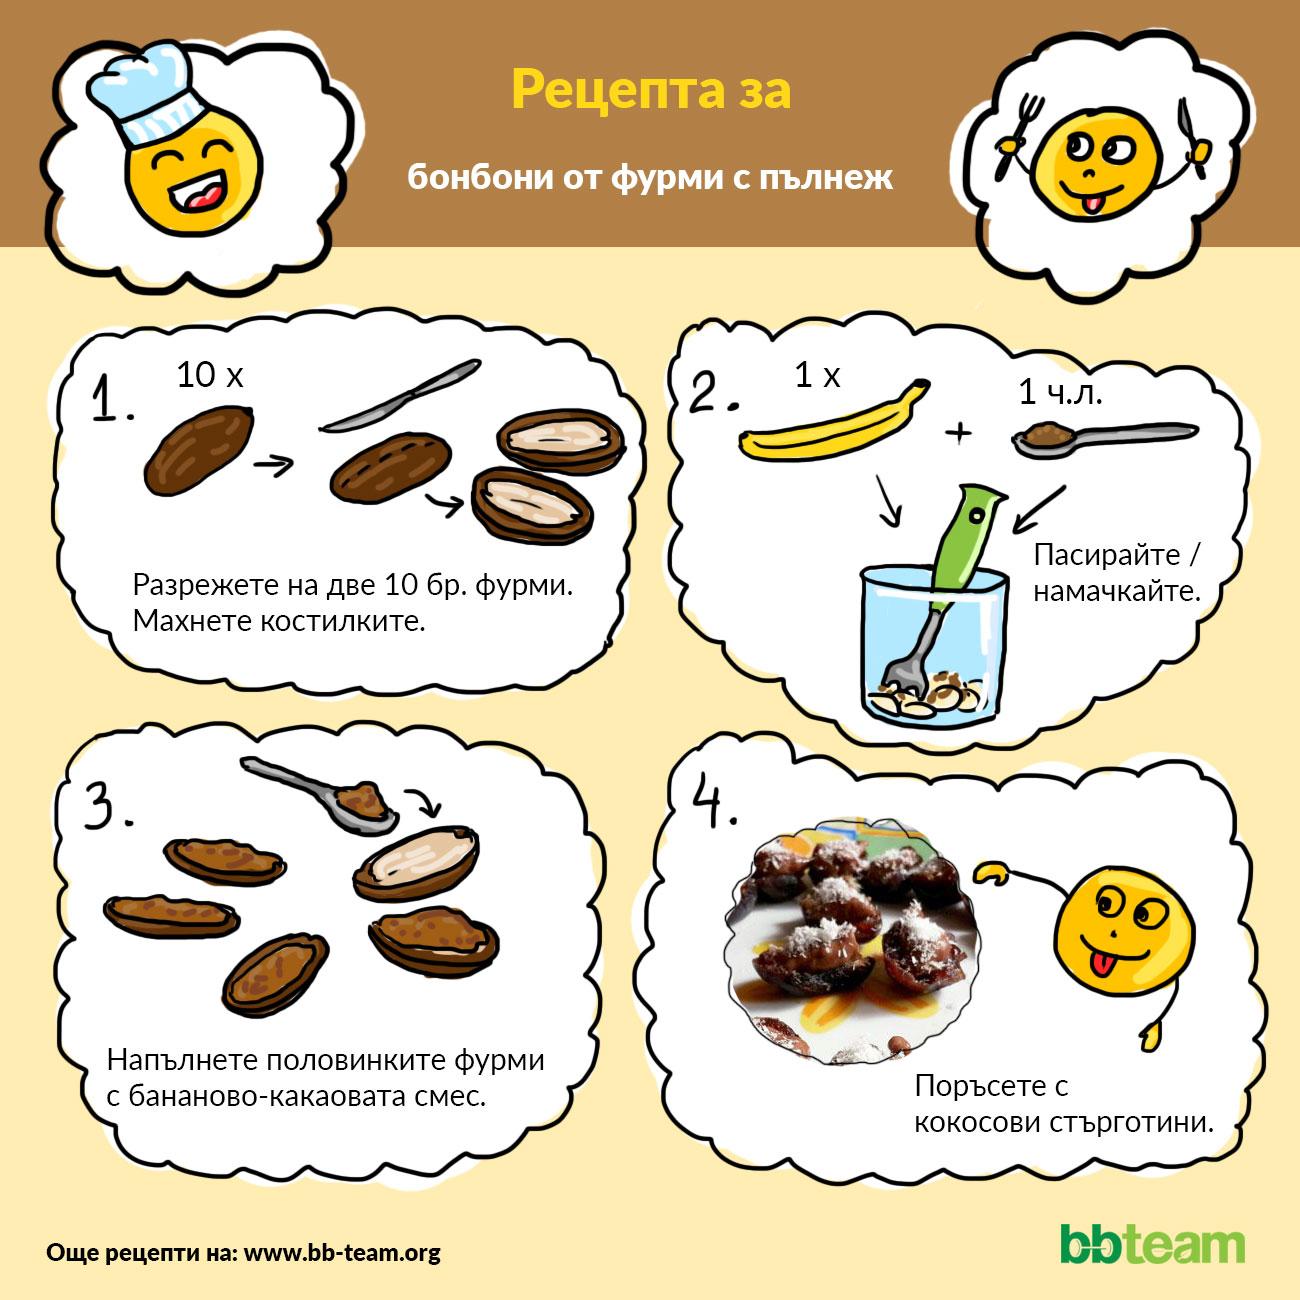 Рецепта за бонбони от фурми с пълнеж [инфографика]